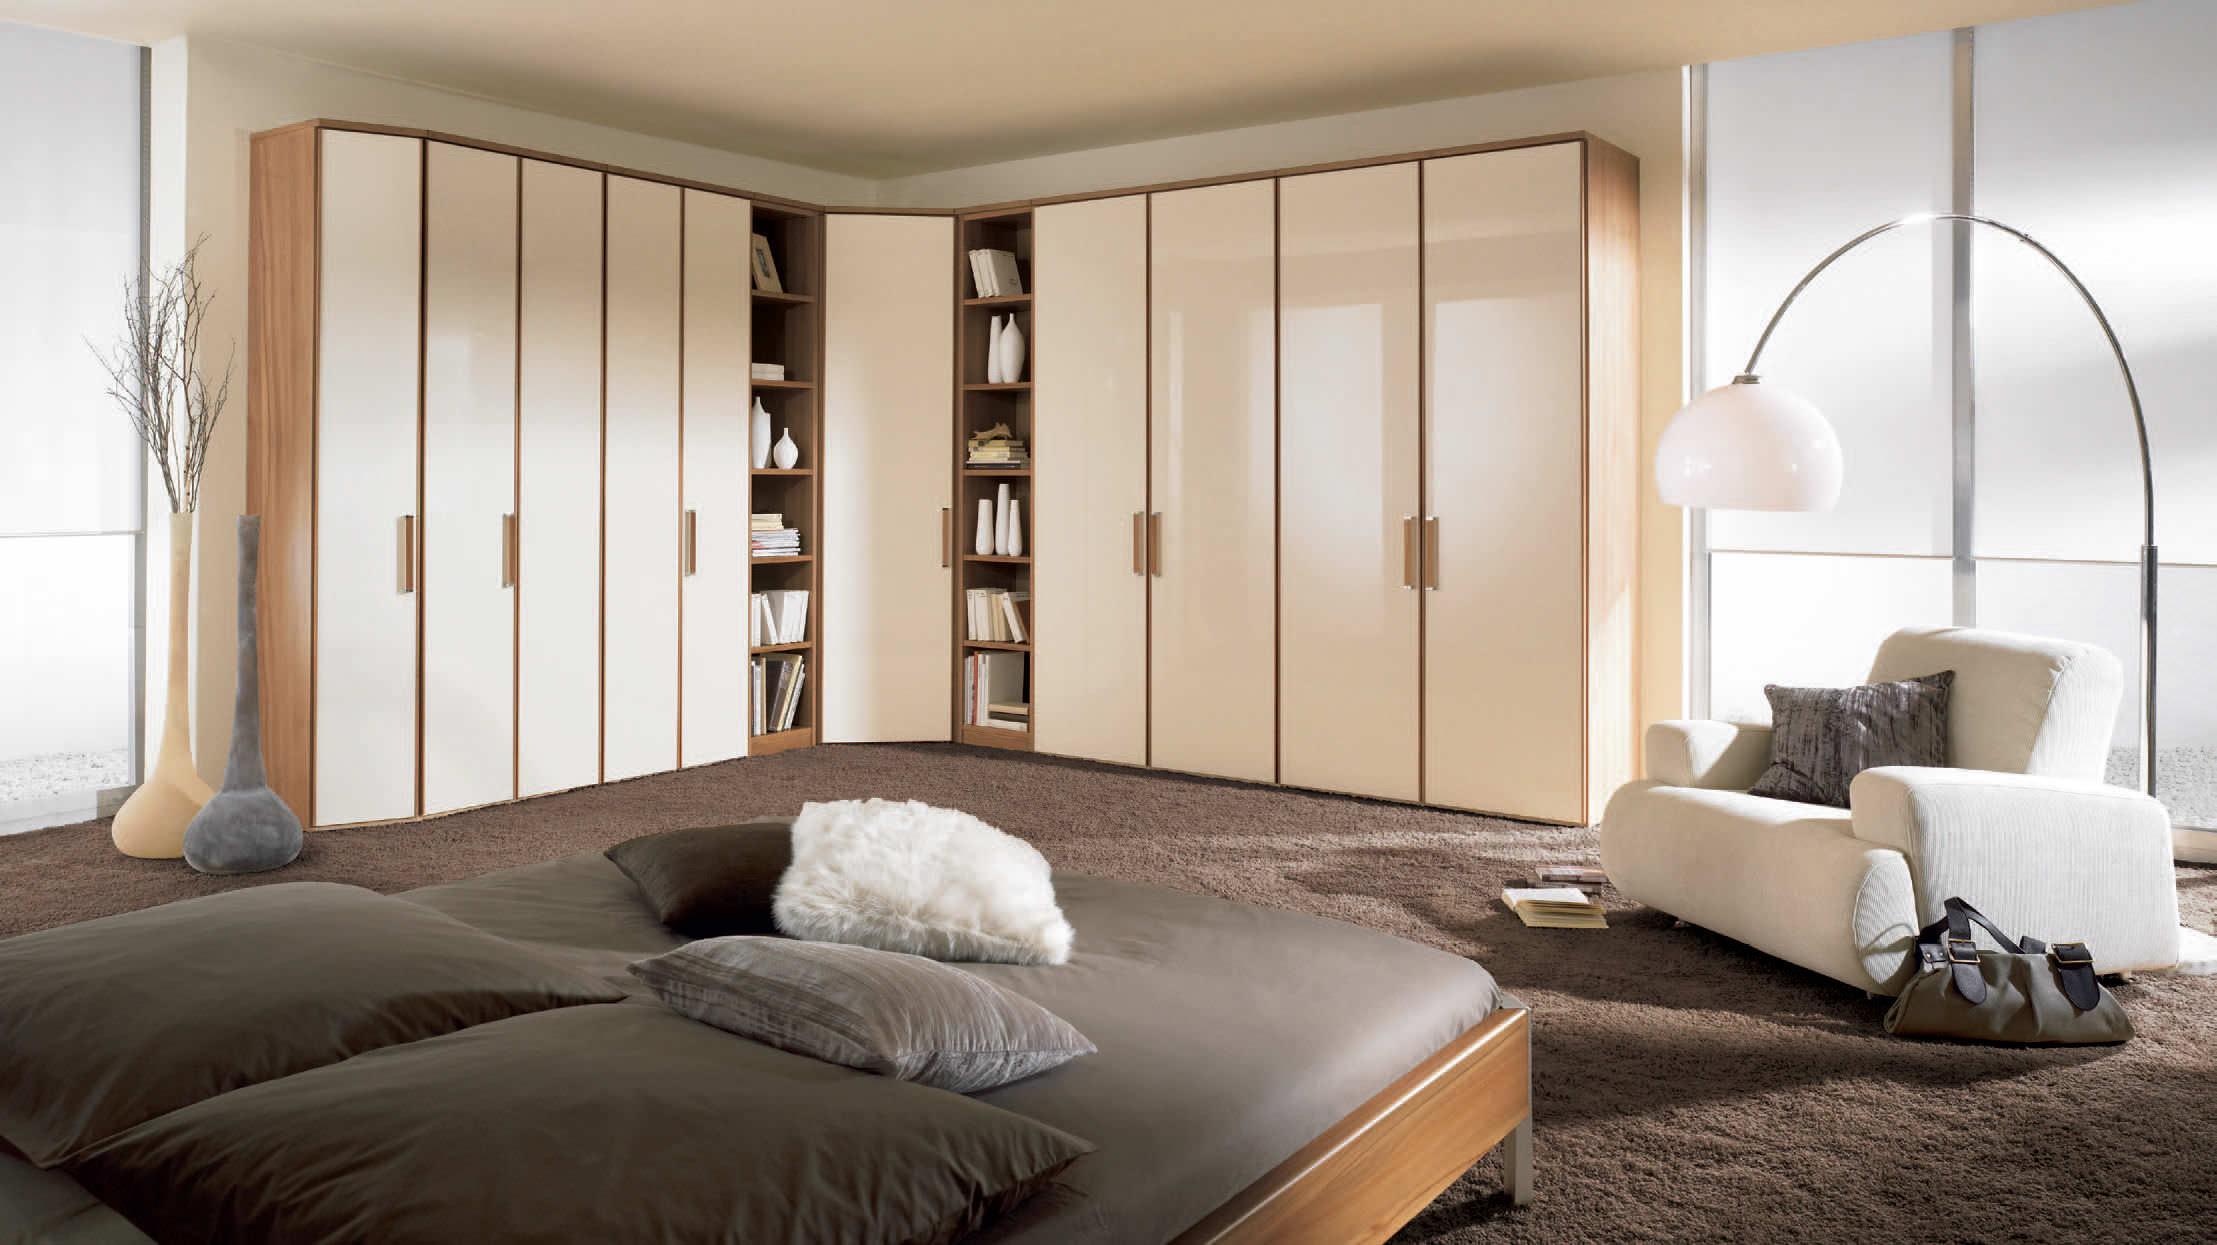 идеи красивых угловых шкафов в спальню фото нами много неразрешенных